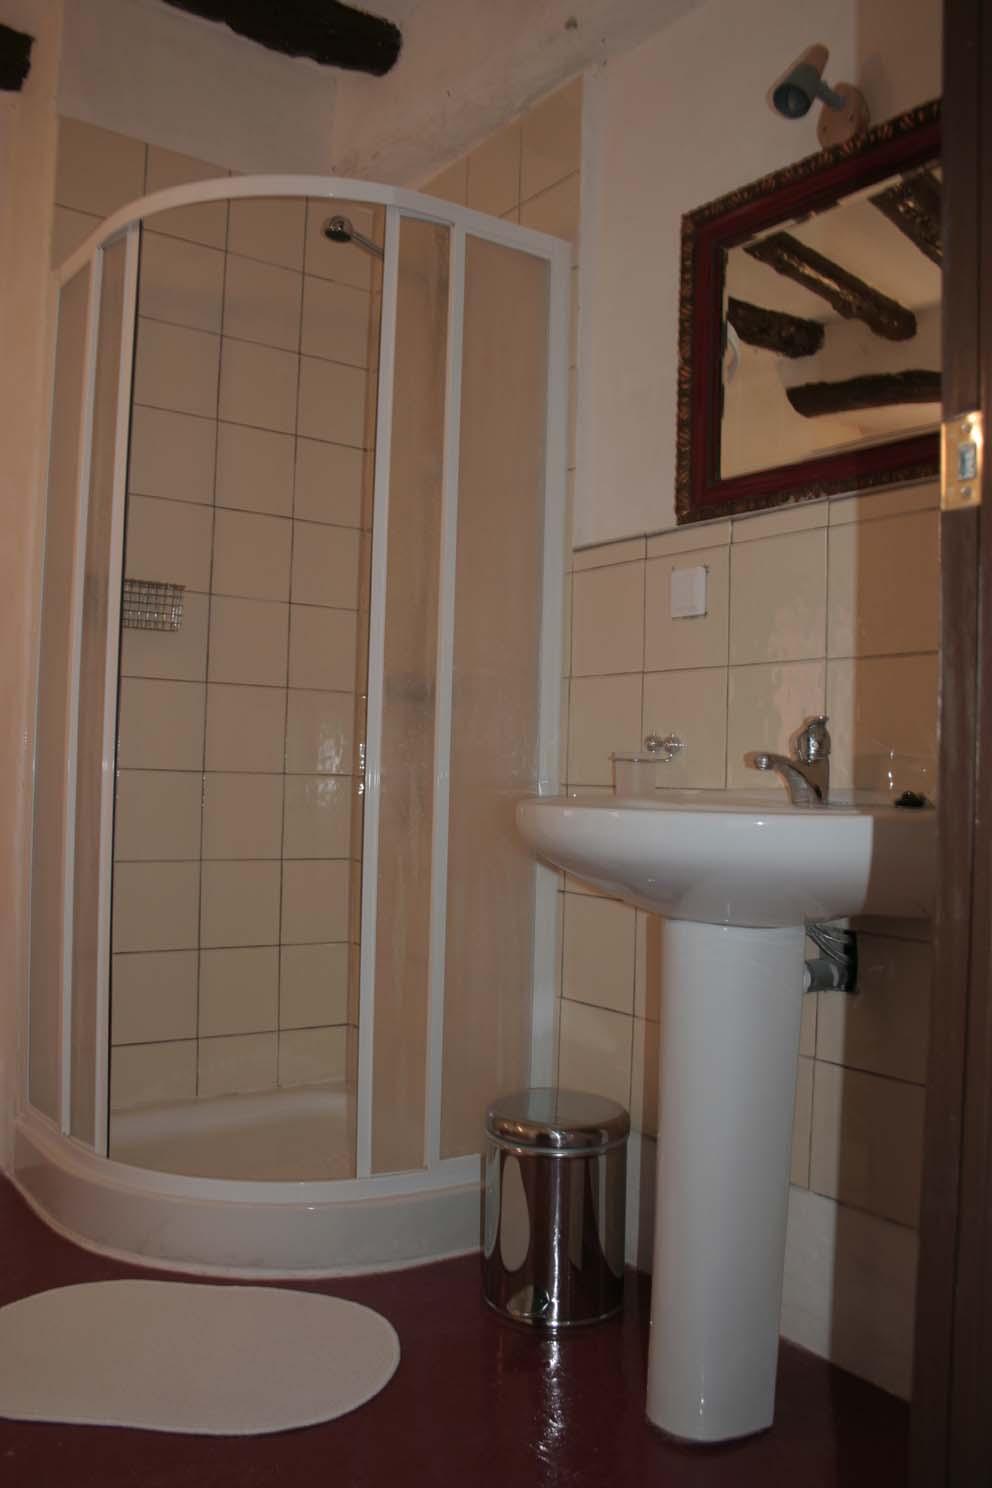 Chambre avec salle de bain et toilette for Salle de bain avec toilette